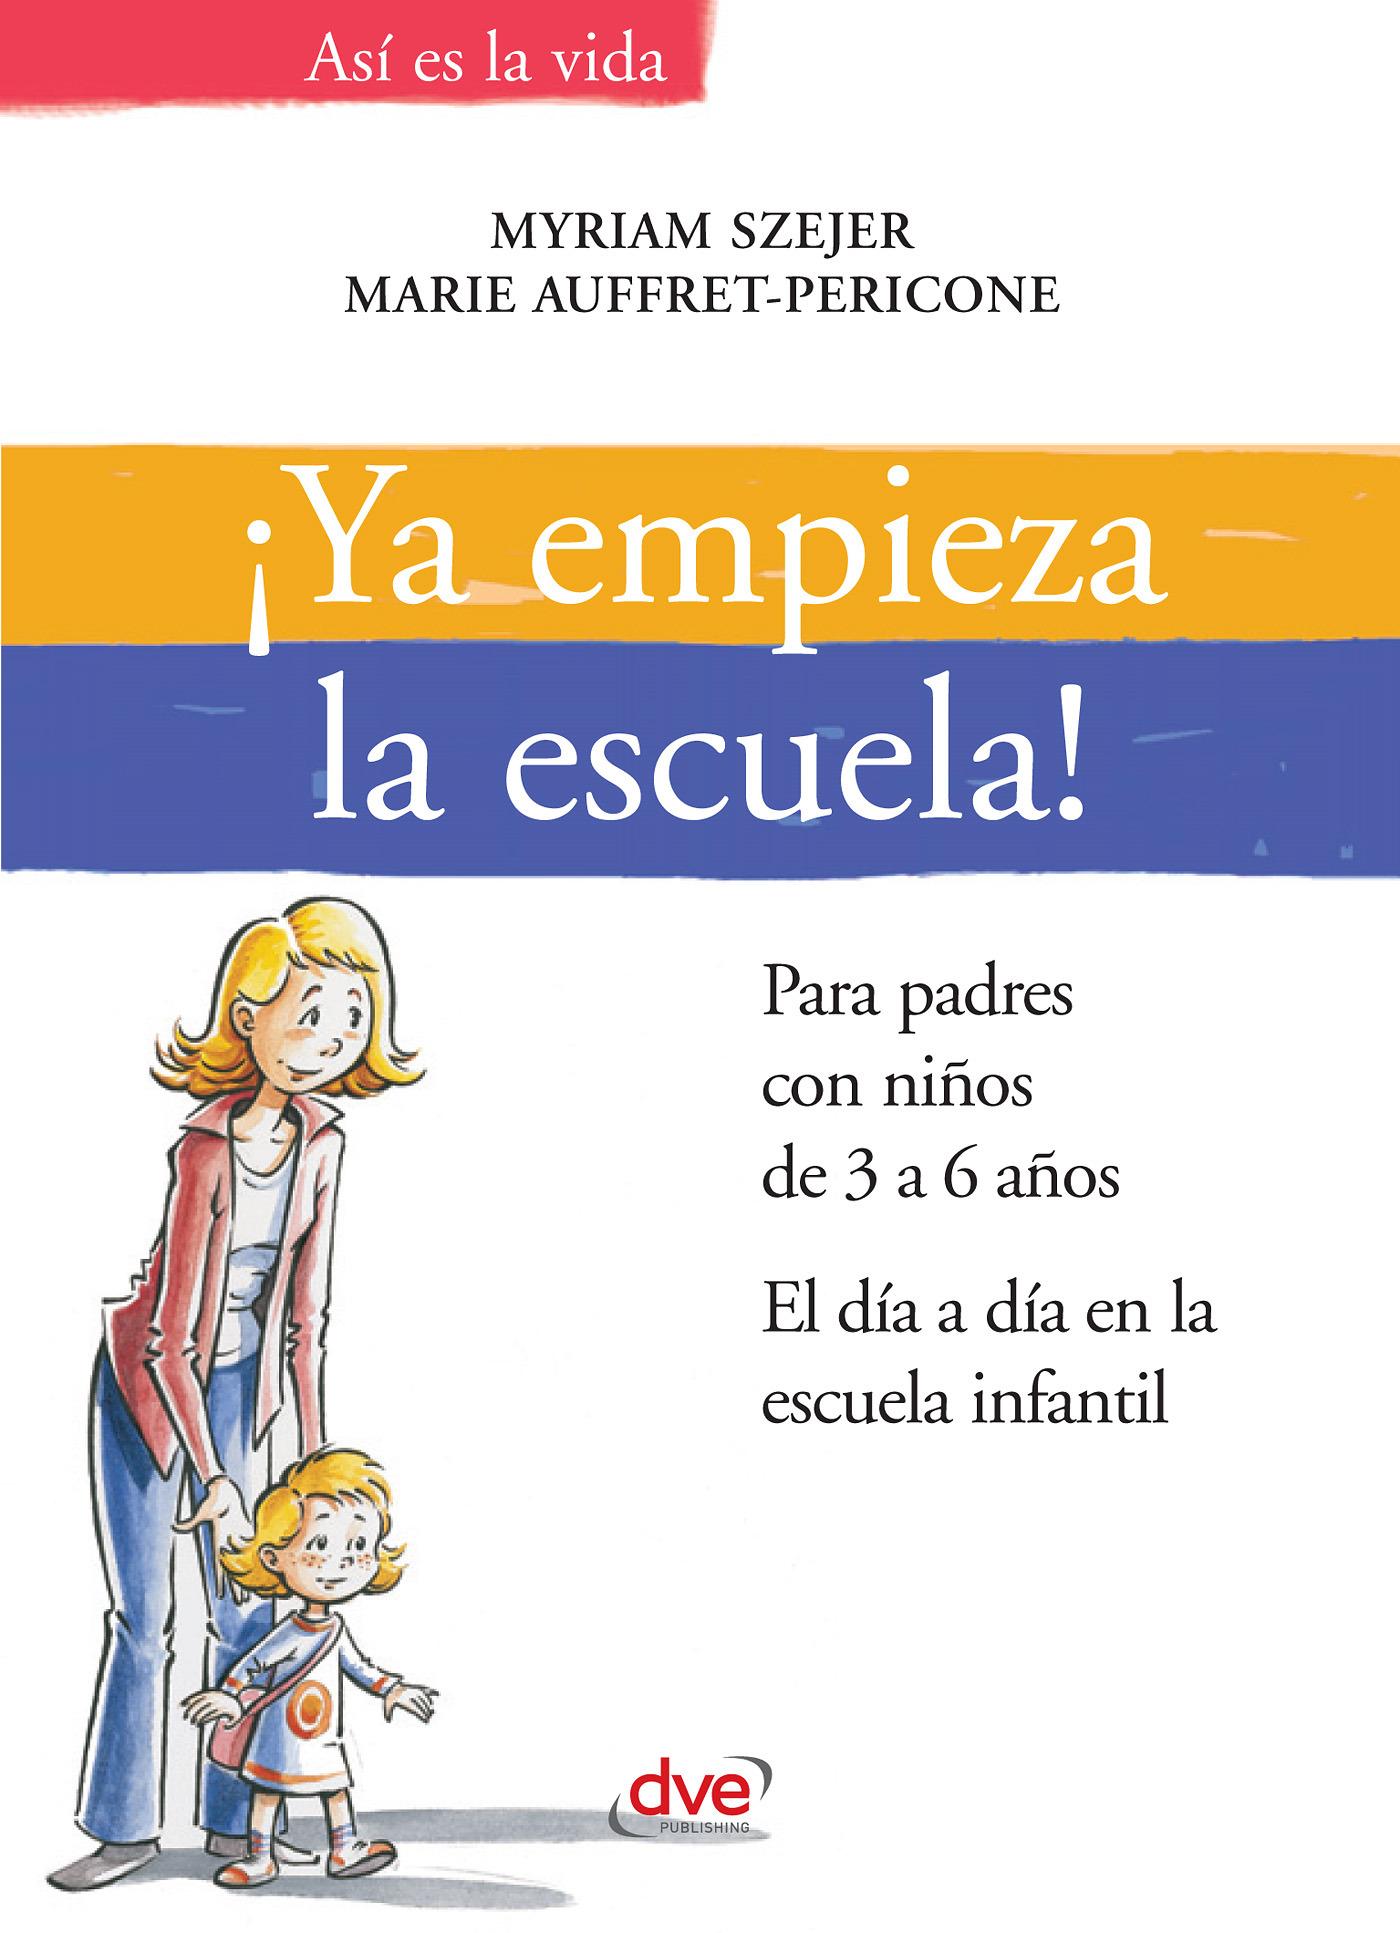 Auffret-Pericone, Marie - ¡Ya empieza la escuela!. Para padres con niños de 3 a 6 años. El día a día en la escuela infantil, ebook